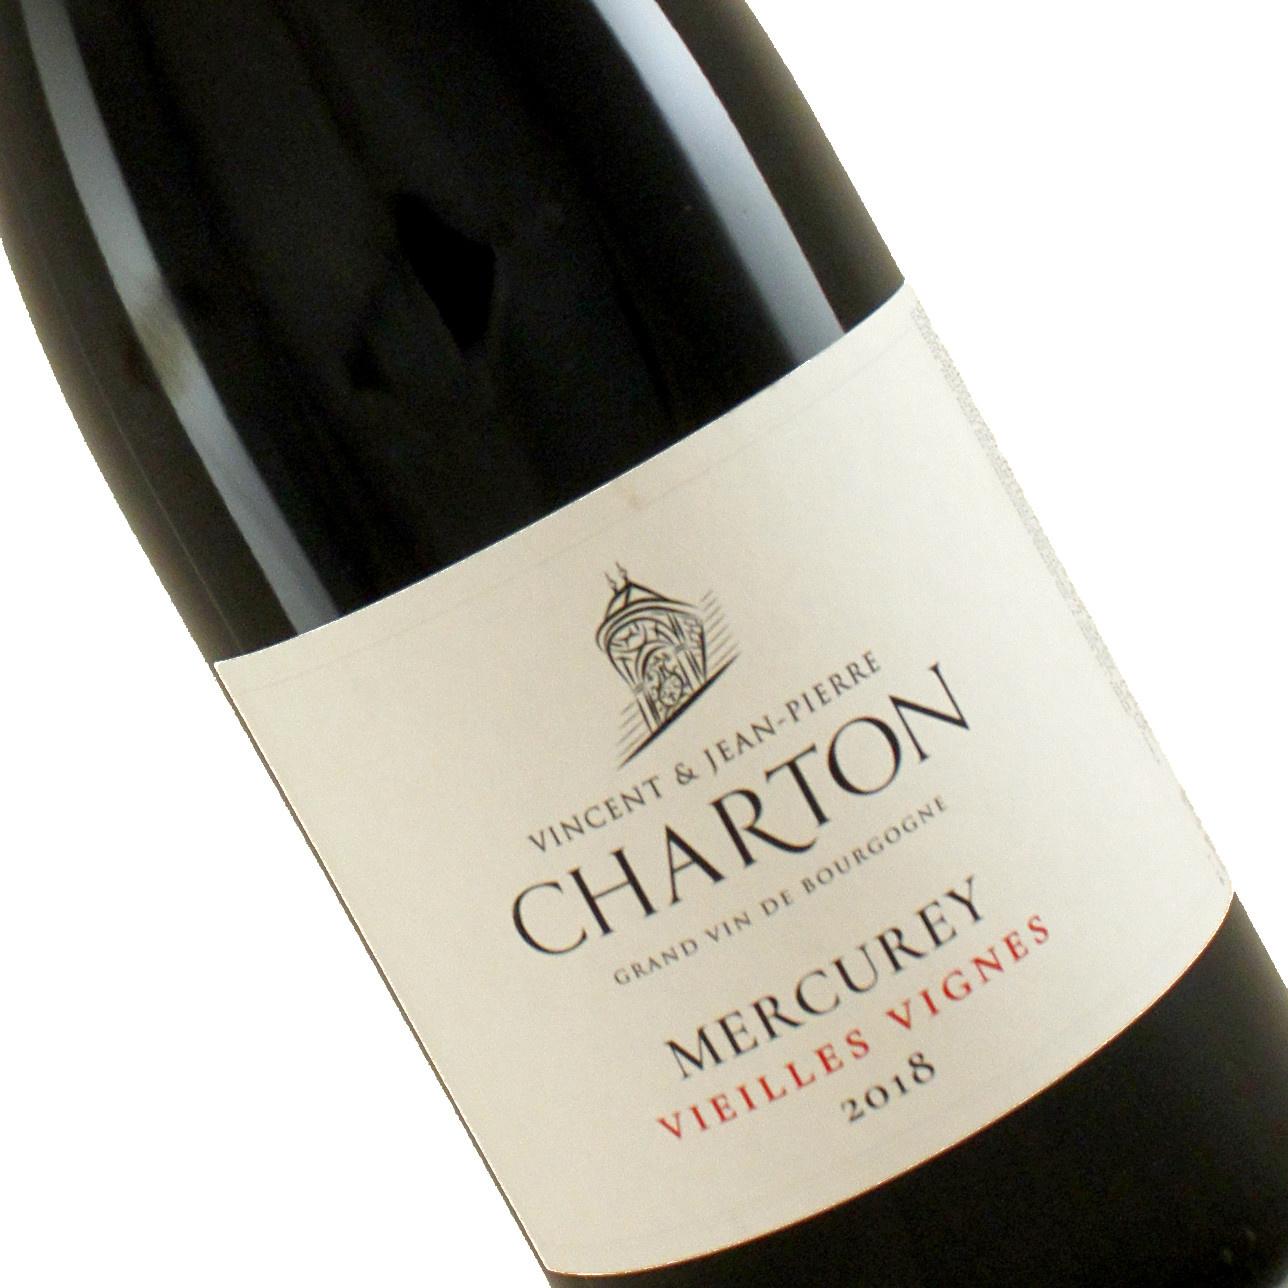 Charton 2018 Mercurey Vieilles Vignes, Burgundy